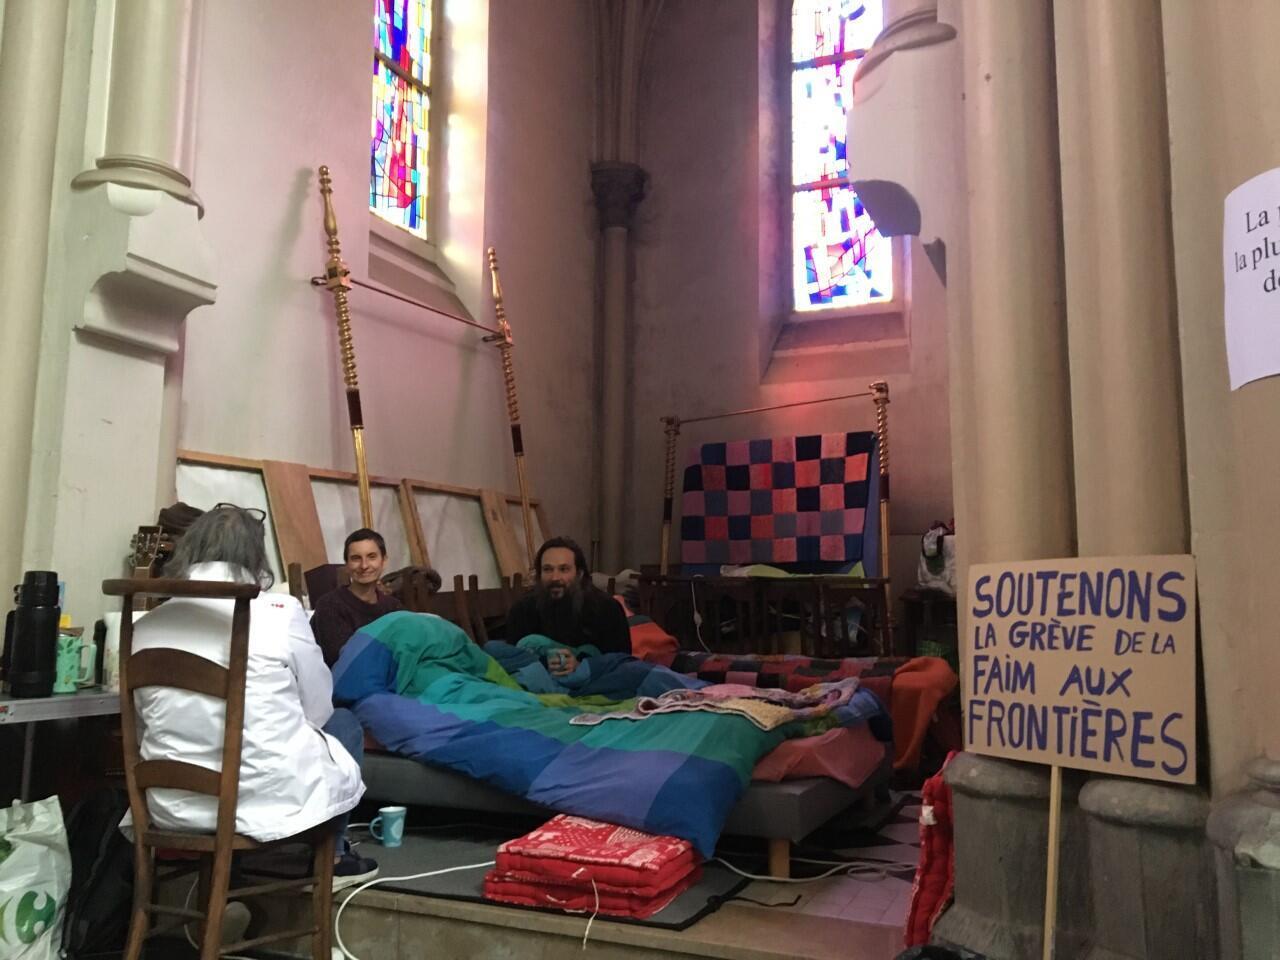 grévistes de la faim à Calais - 21 octobre 2021